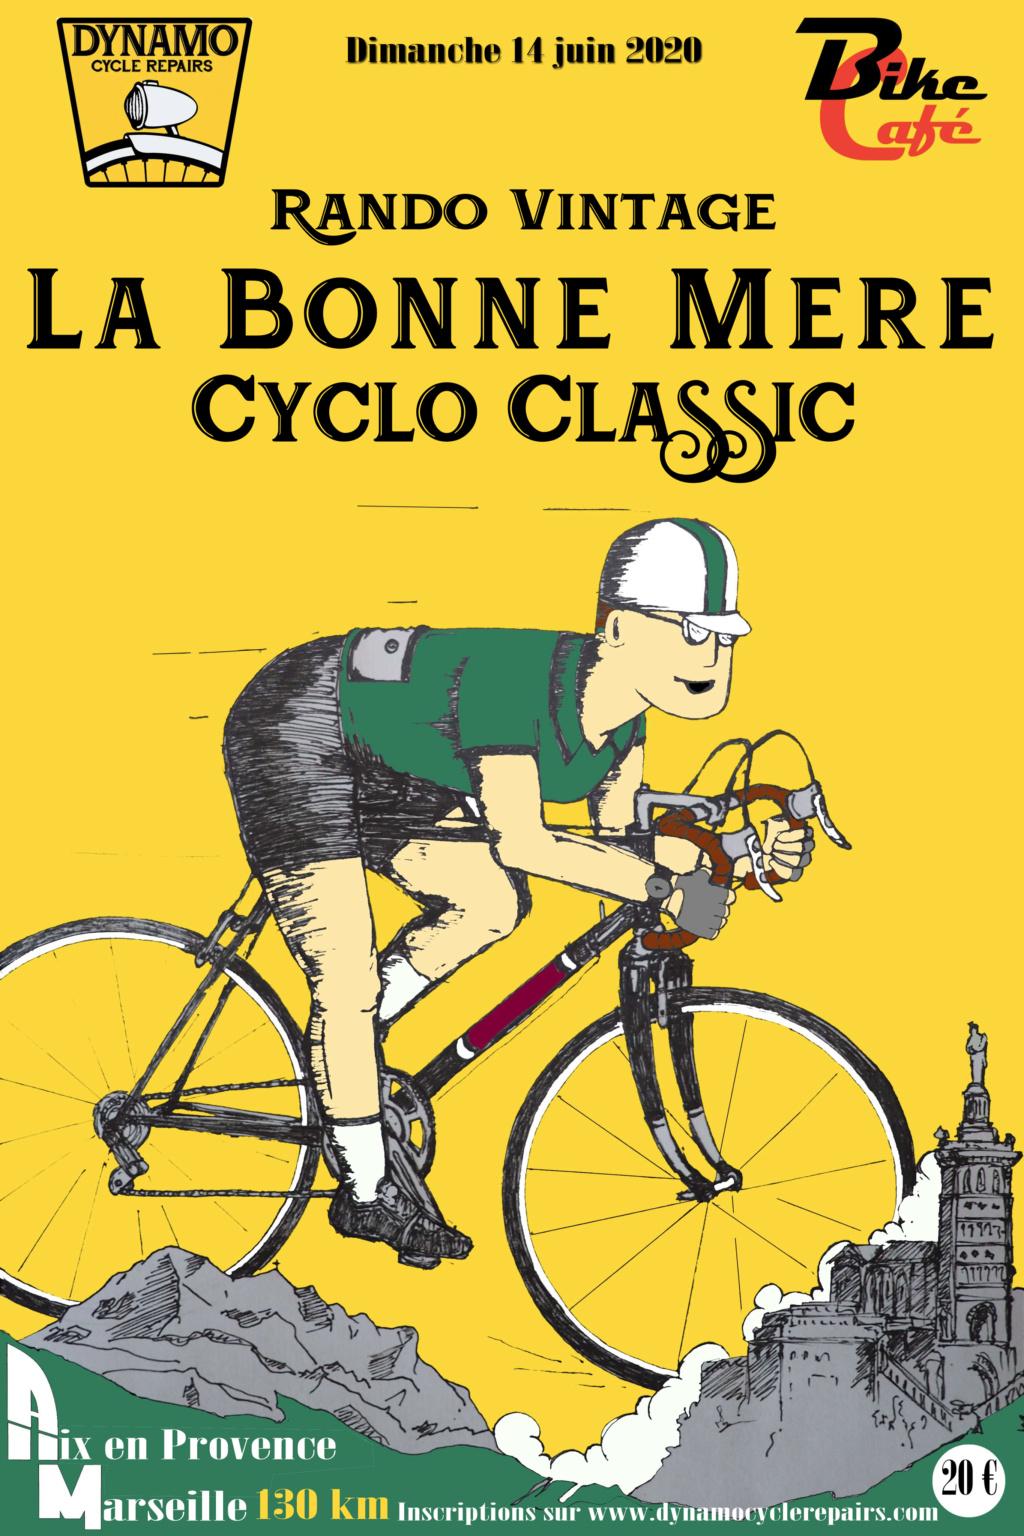 La Bonne Mère cyclo classic, 14 juin 2020 82917711